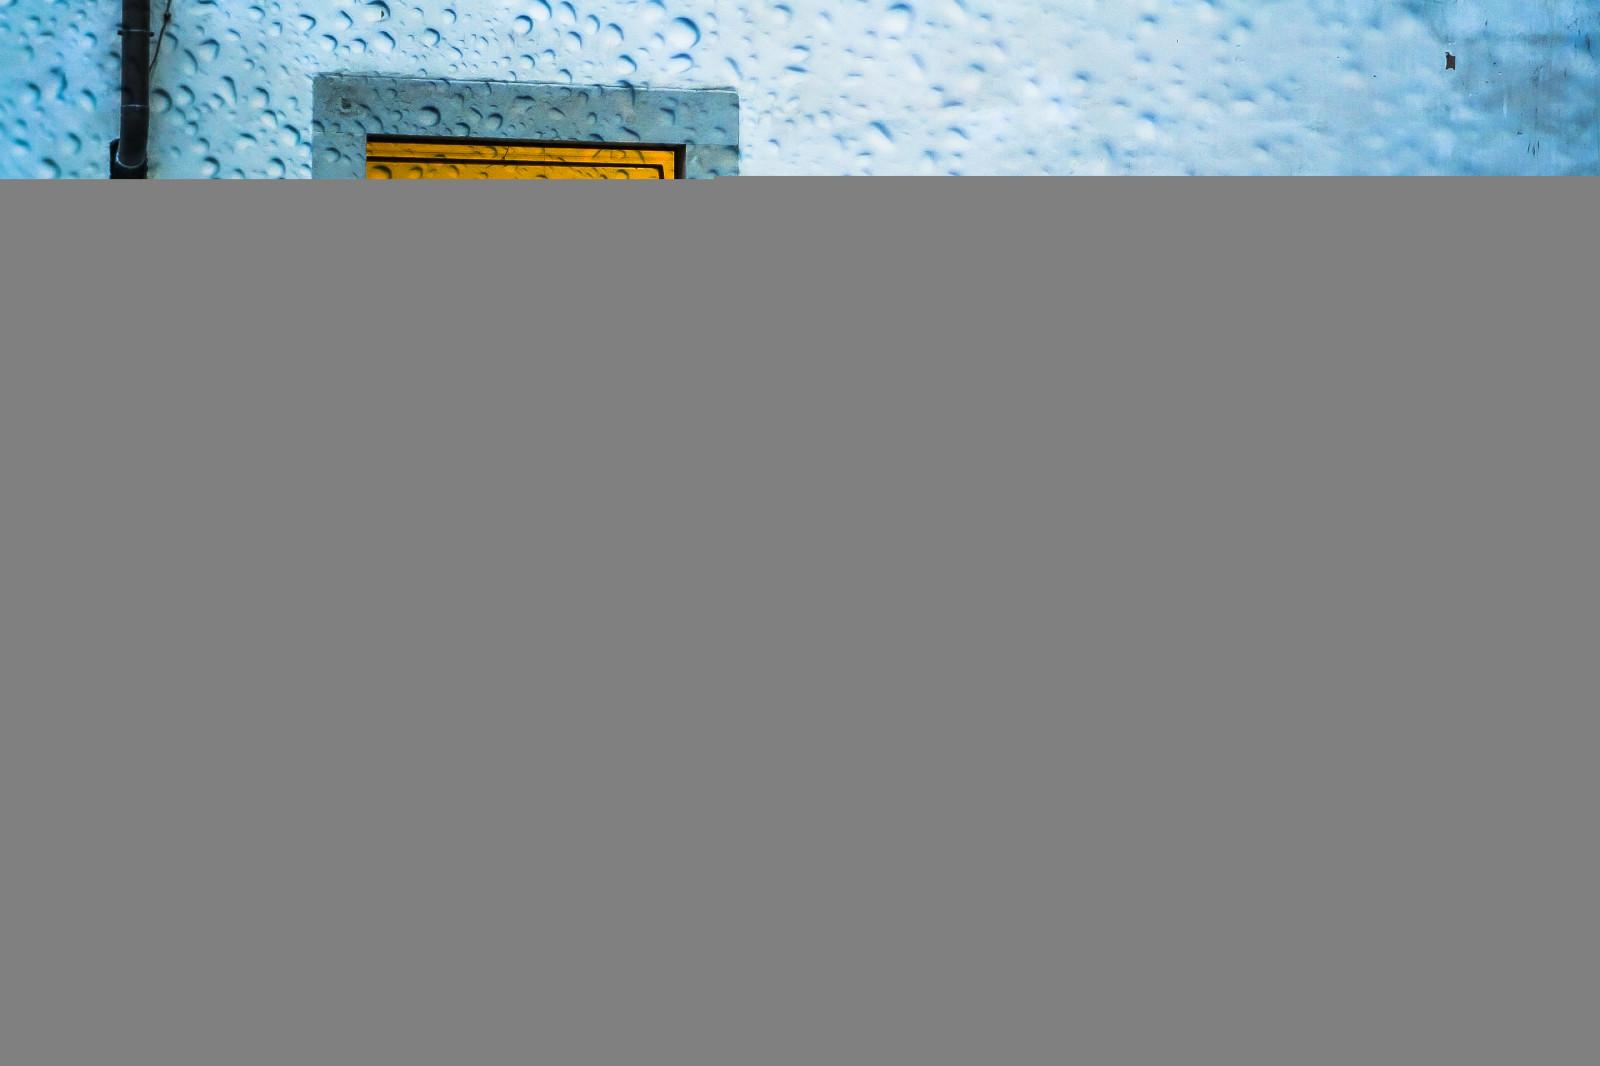 Fond D Ecran Pluie Jaune Bleu Verre Modele Rideau Orange